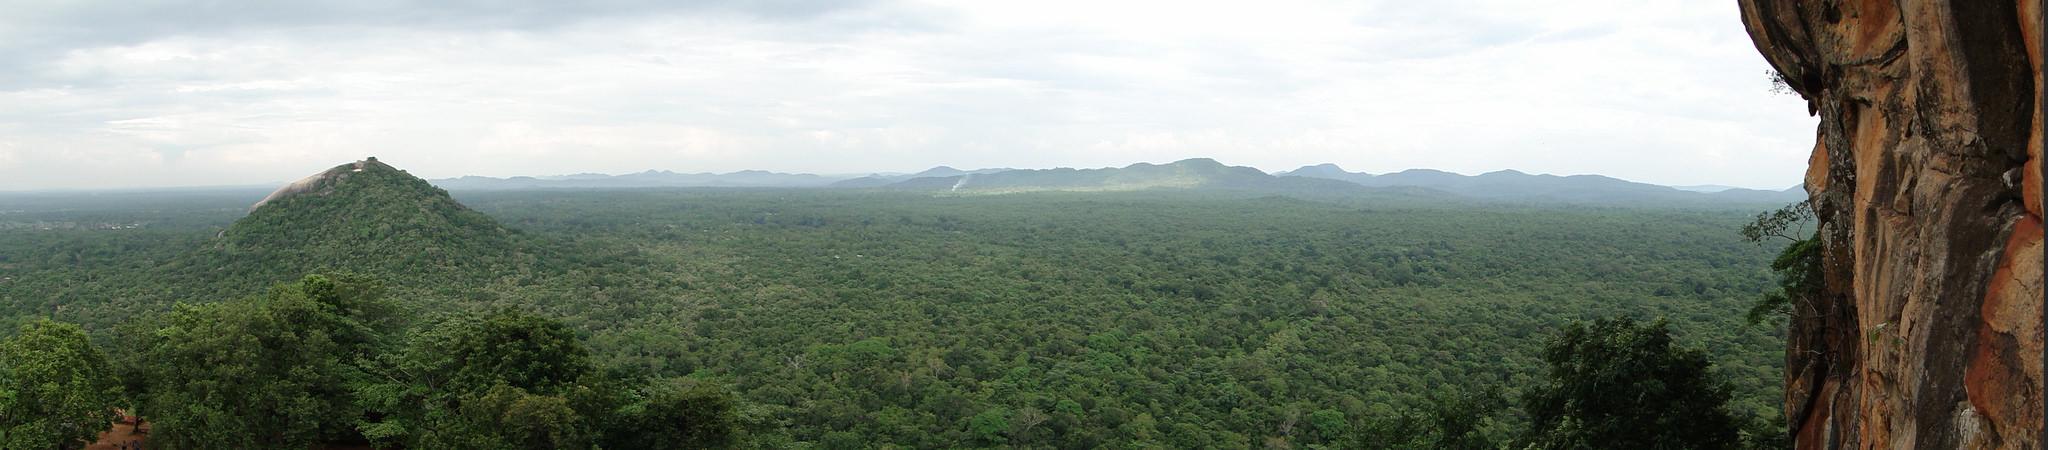 Pidurangala, Sri Lanka - Vista